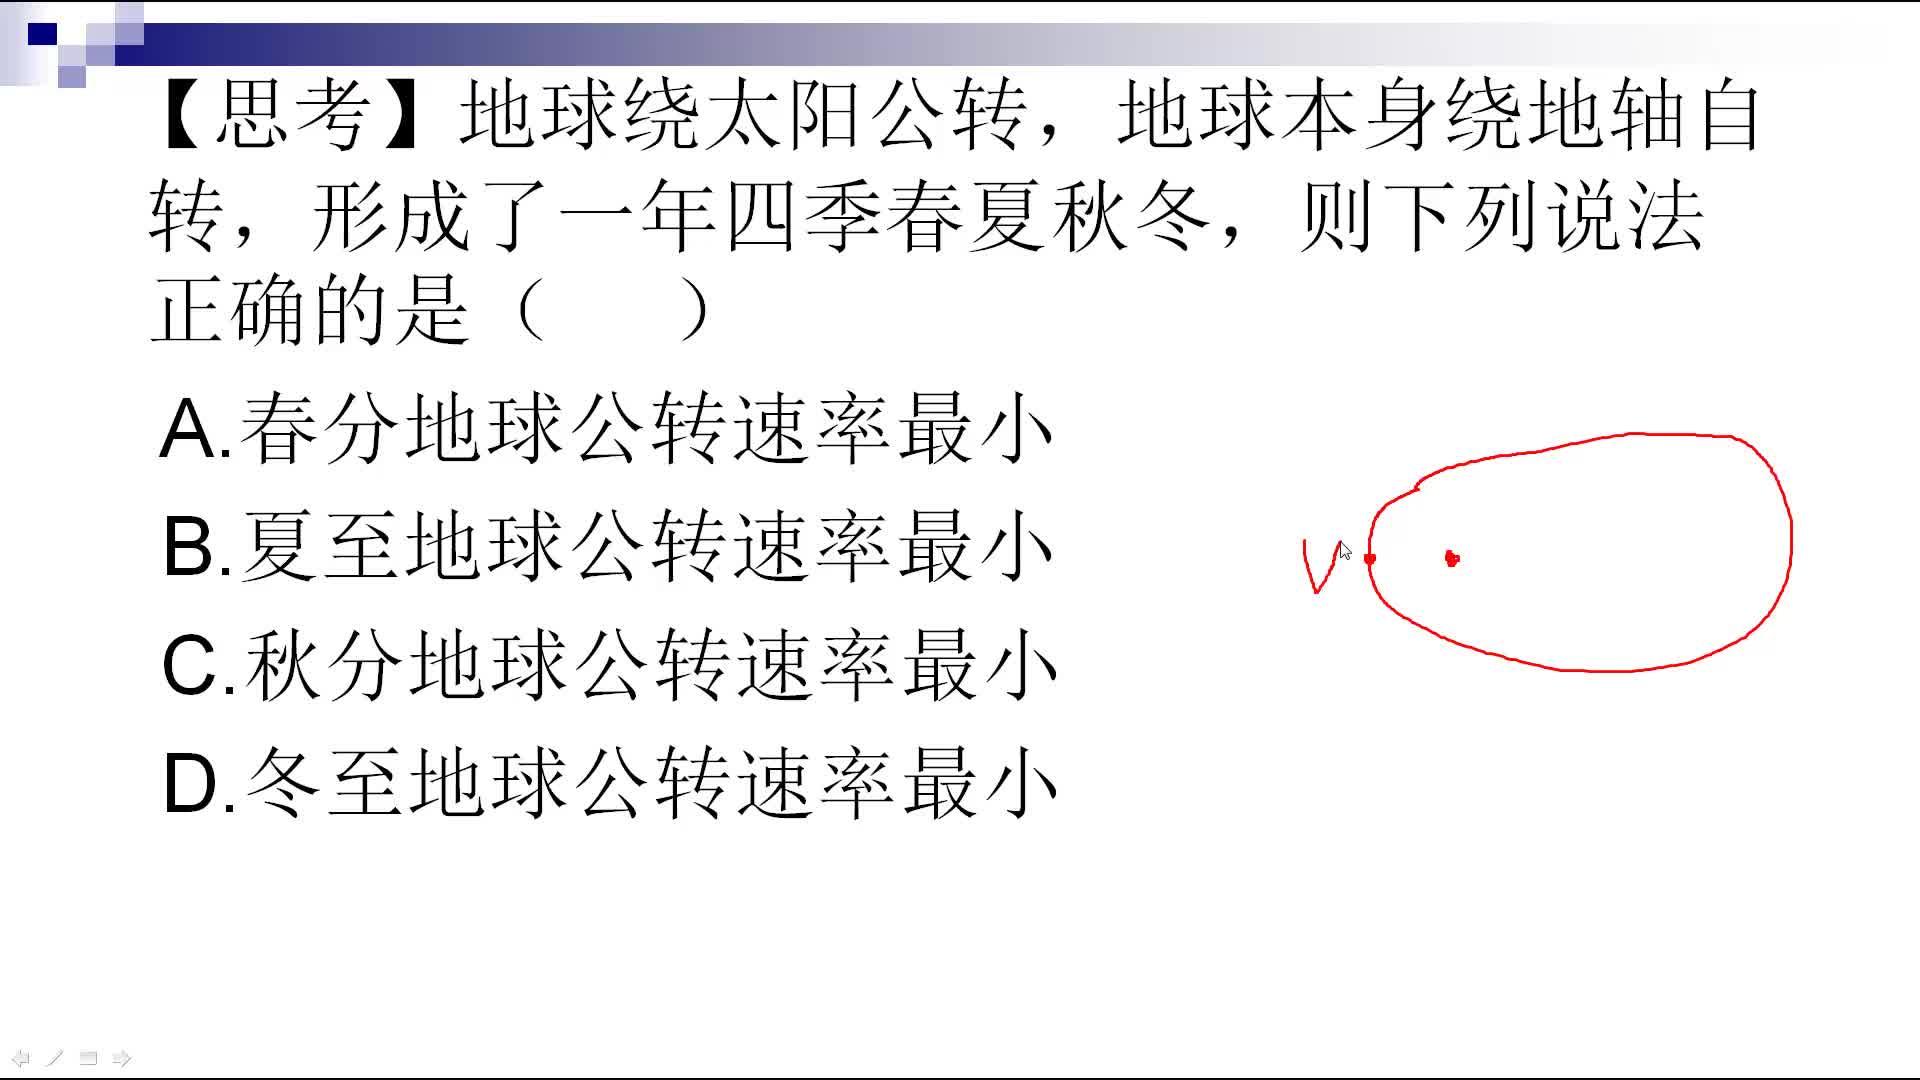 人教版高中物理必修二 6.1暑假比寒假长(万有引力定律难点辨析)